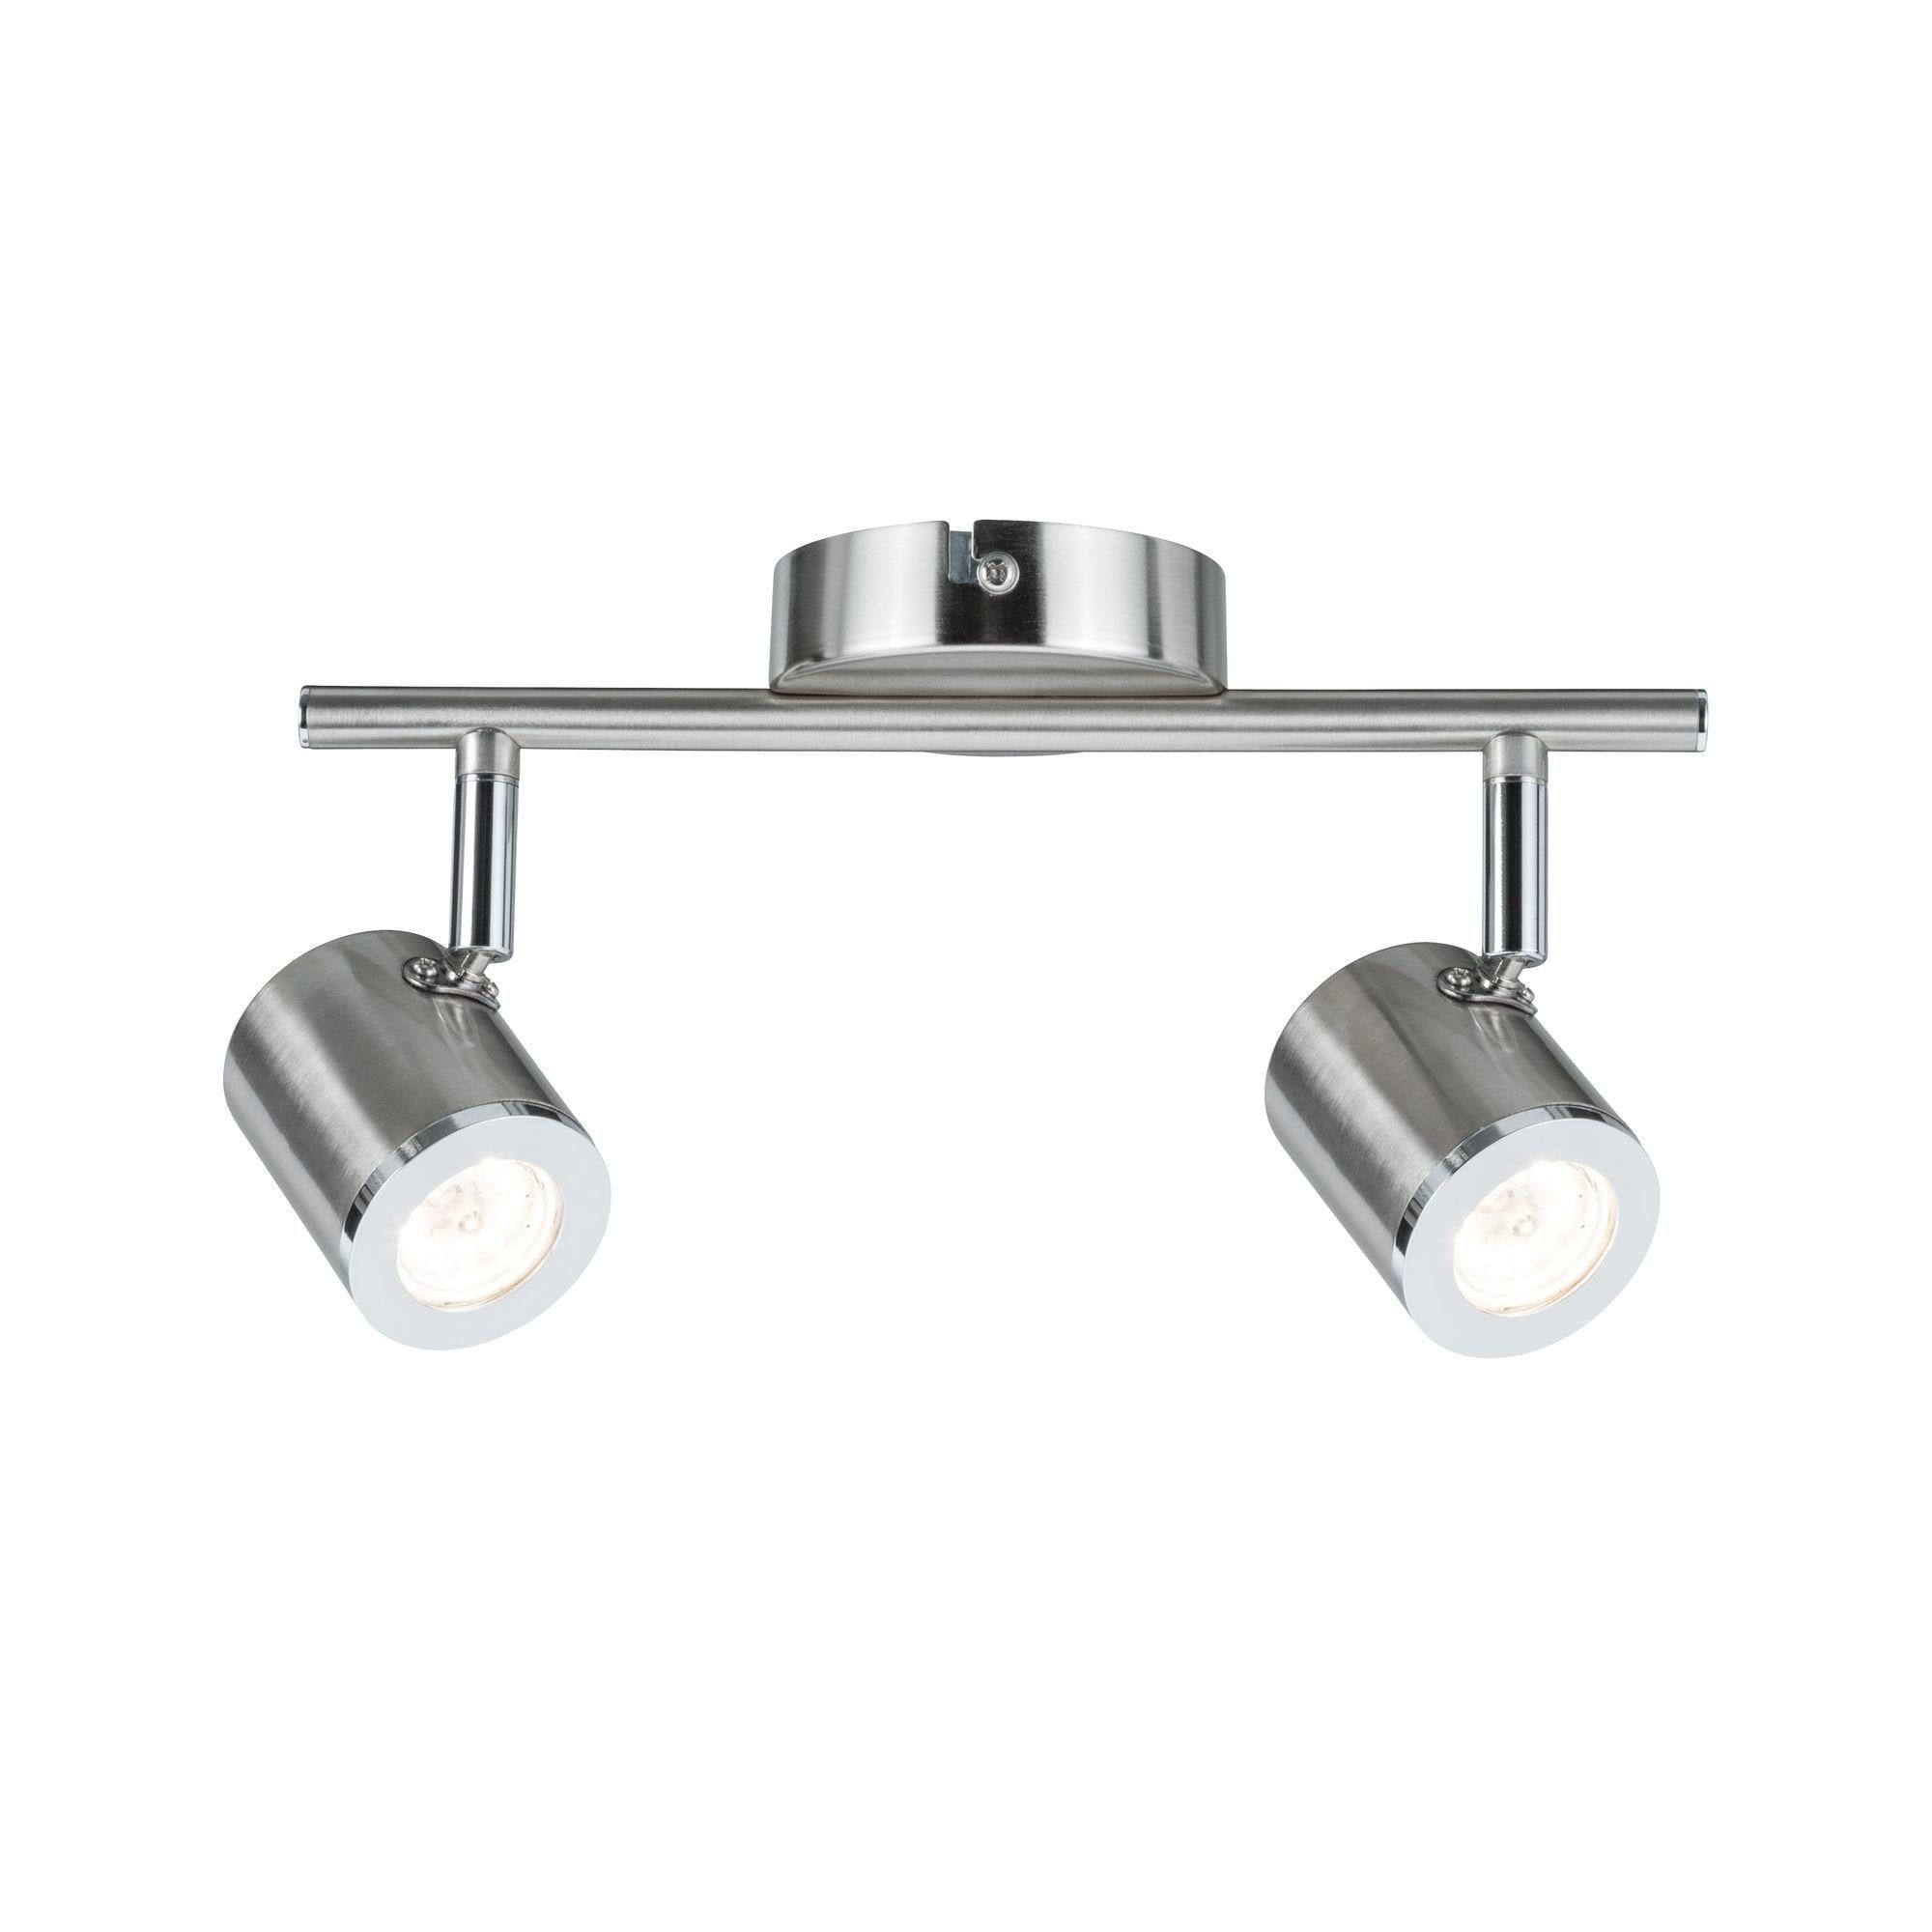 Paulmann LED Deckenleuchte 2er-Spot Nickel Silberfarben Tumbler 2x4,5W, 1 St., Warmweiß